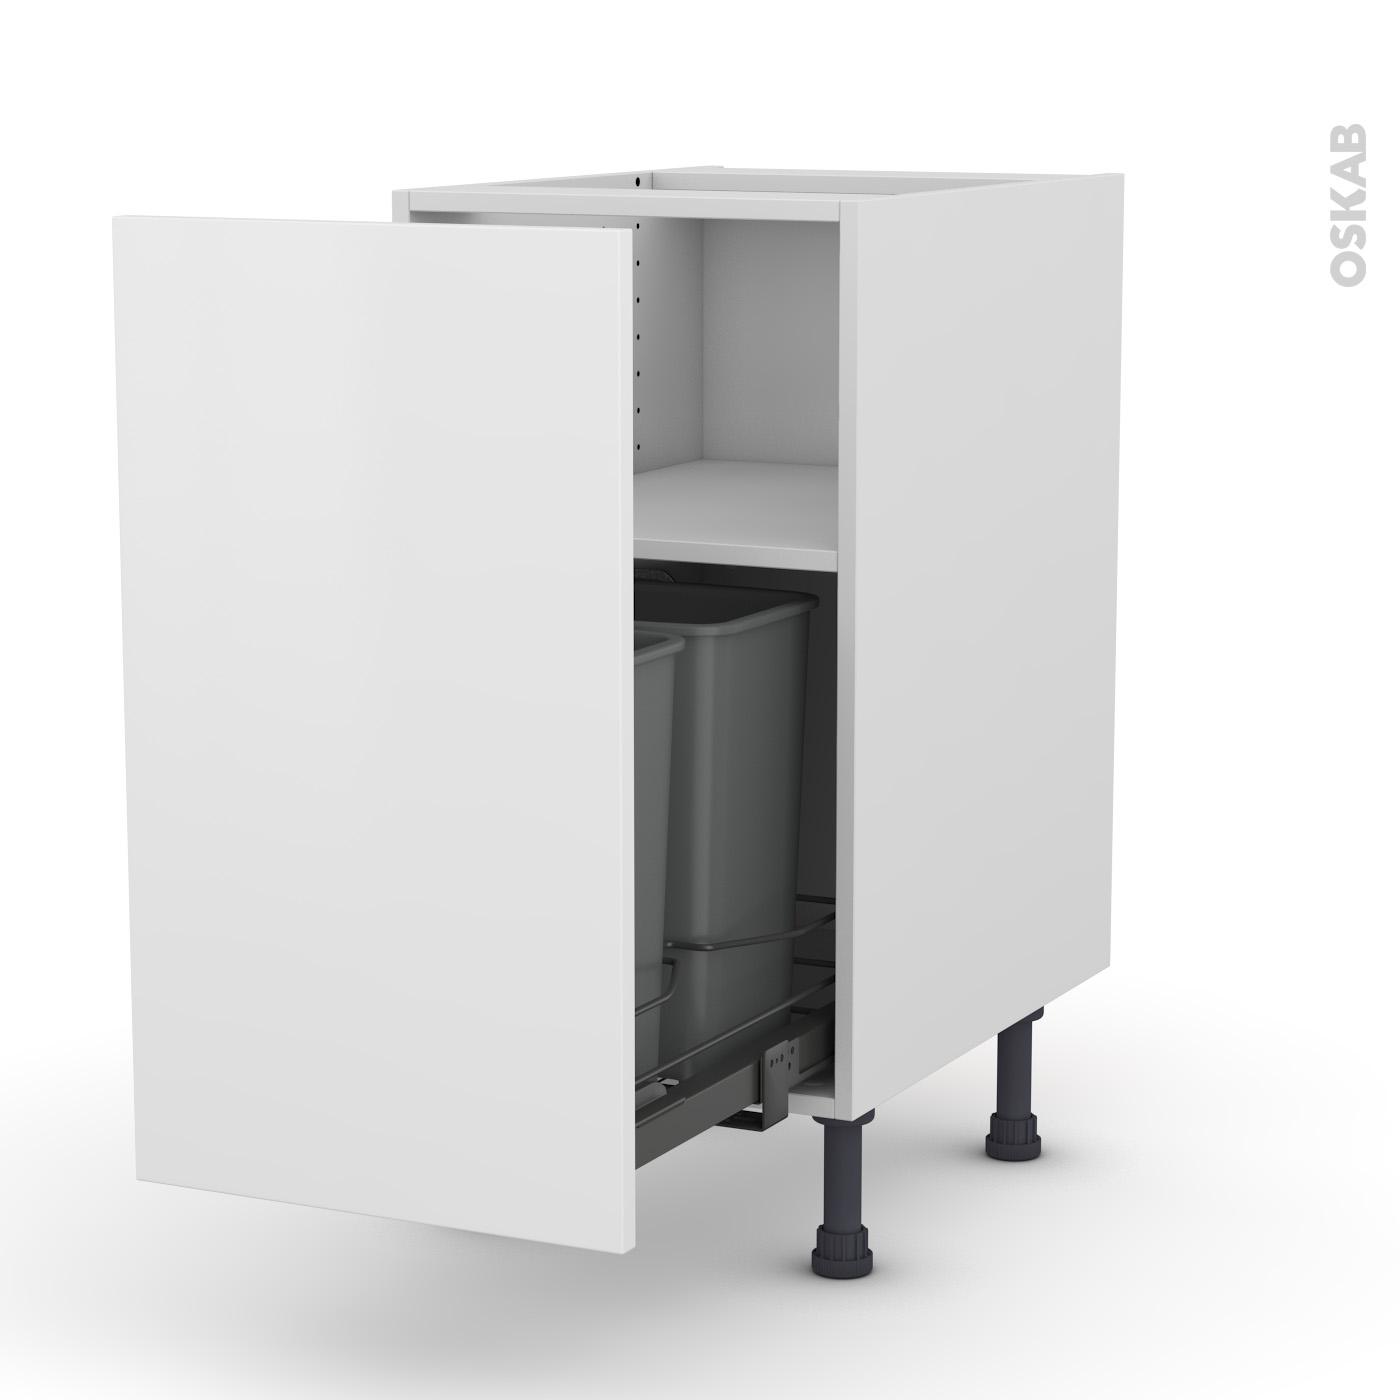 meuble de cuisine poubelle coulissante ginko blanc 1 porte l40 x h70 x p58 cm